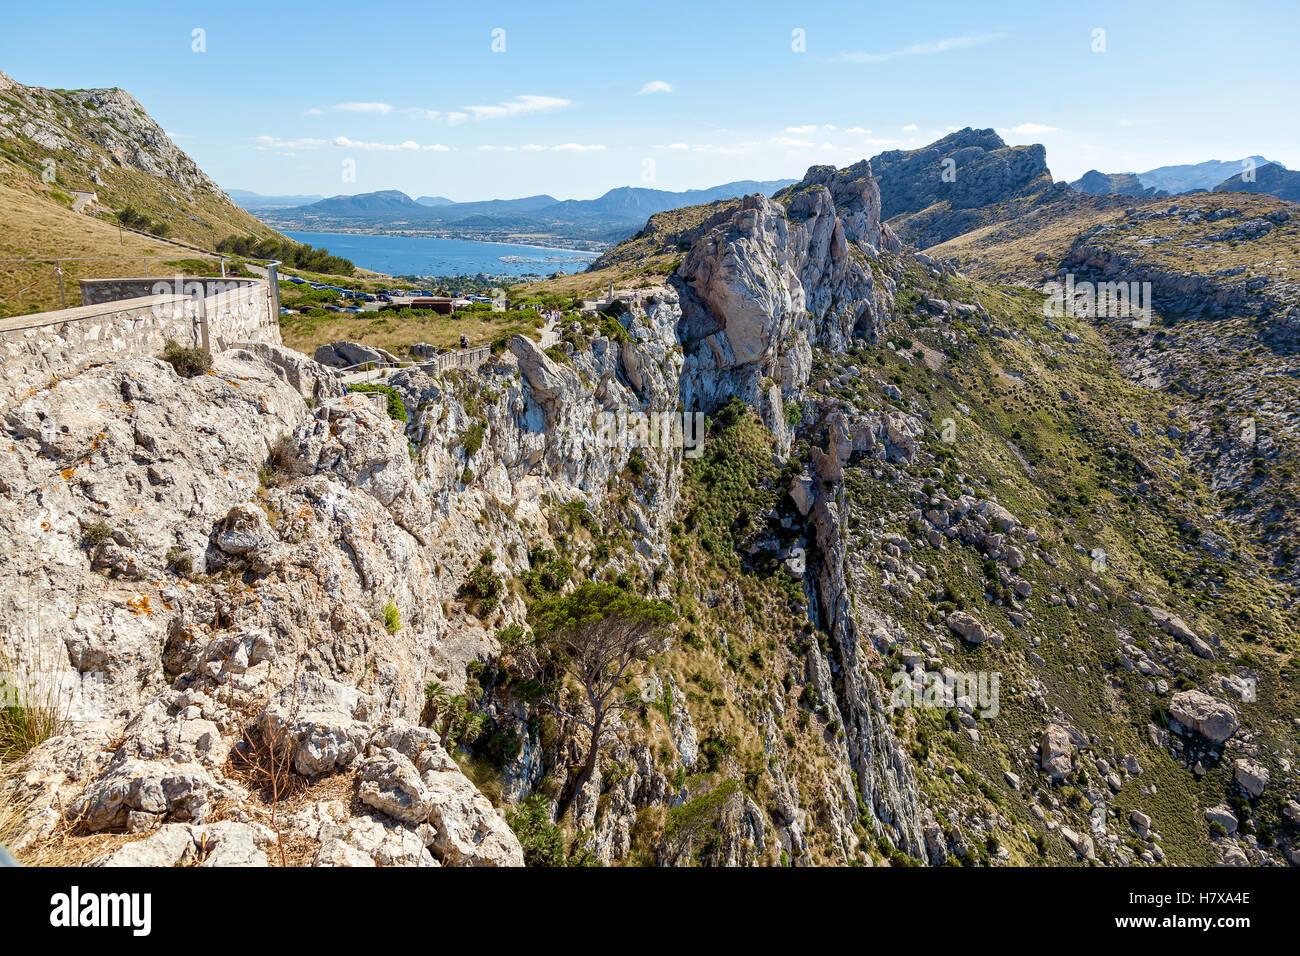 Ridge. Crête avec une plate-forme d'observation qui offre une vue magnifique et est une allée sinueuse. Photo Stock